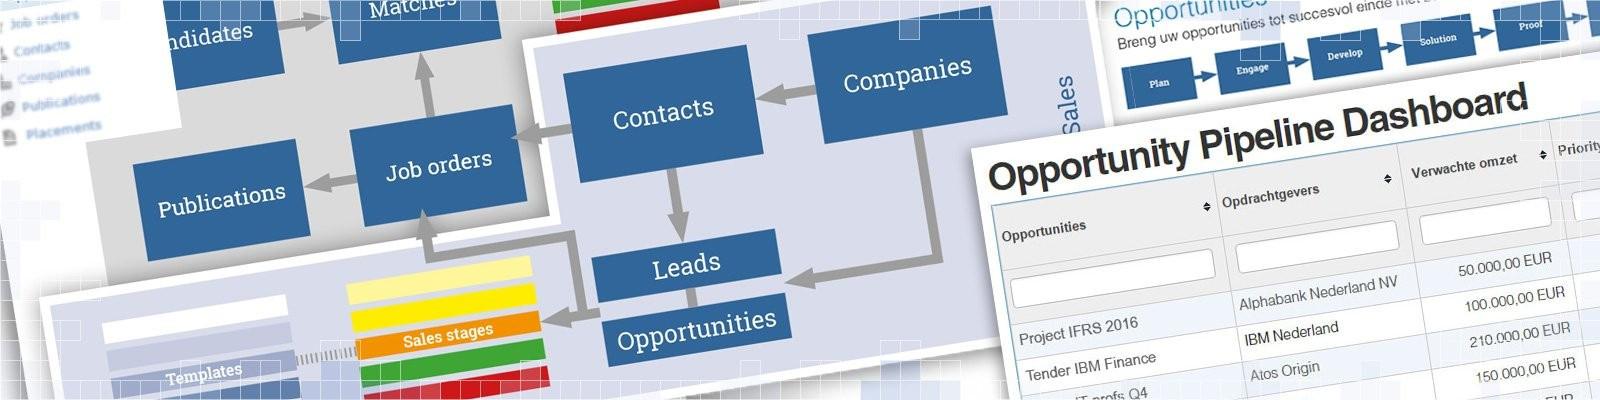 Carerix website  Succesvolle Carerix website laten ontwikkelen? Neem contact op met RB-Media voor de mogelijkheden!